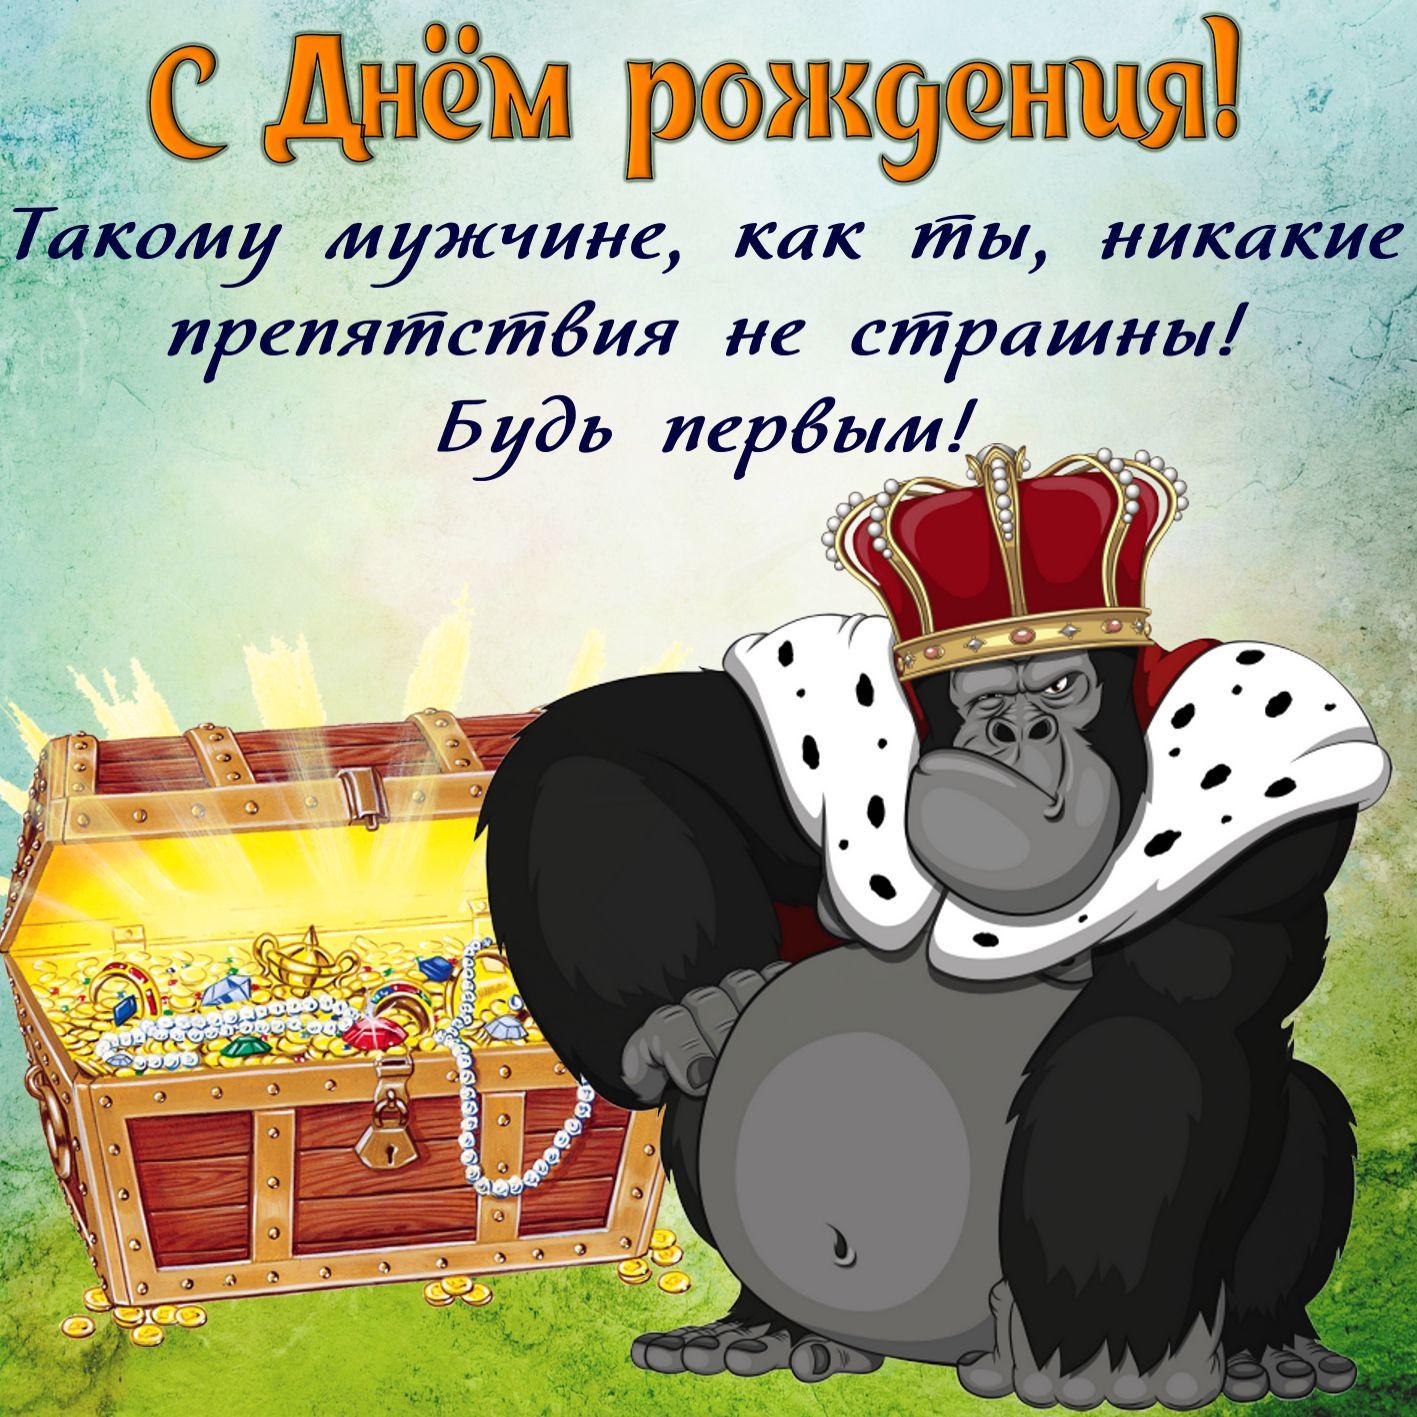 Открытка на День рождения - обезьянка в короне и сундук сокровищ